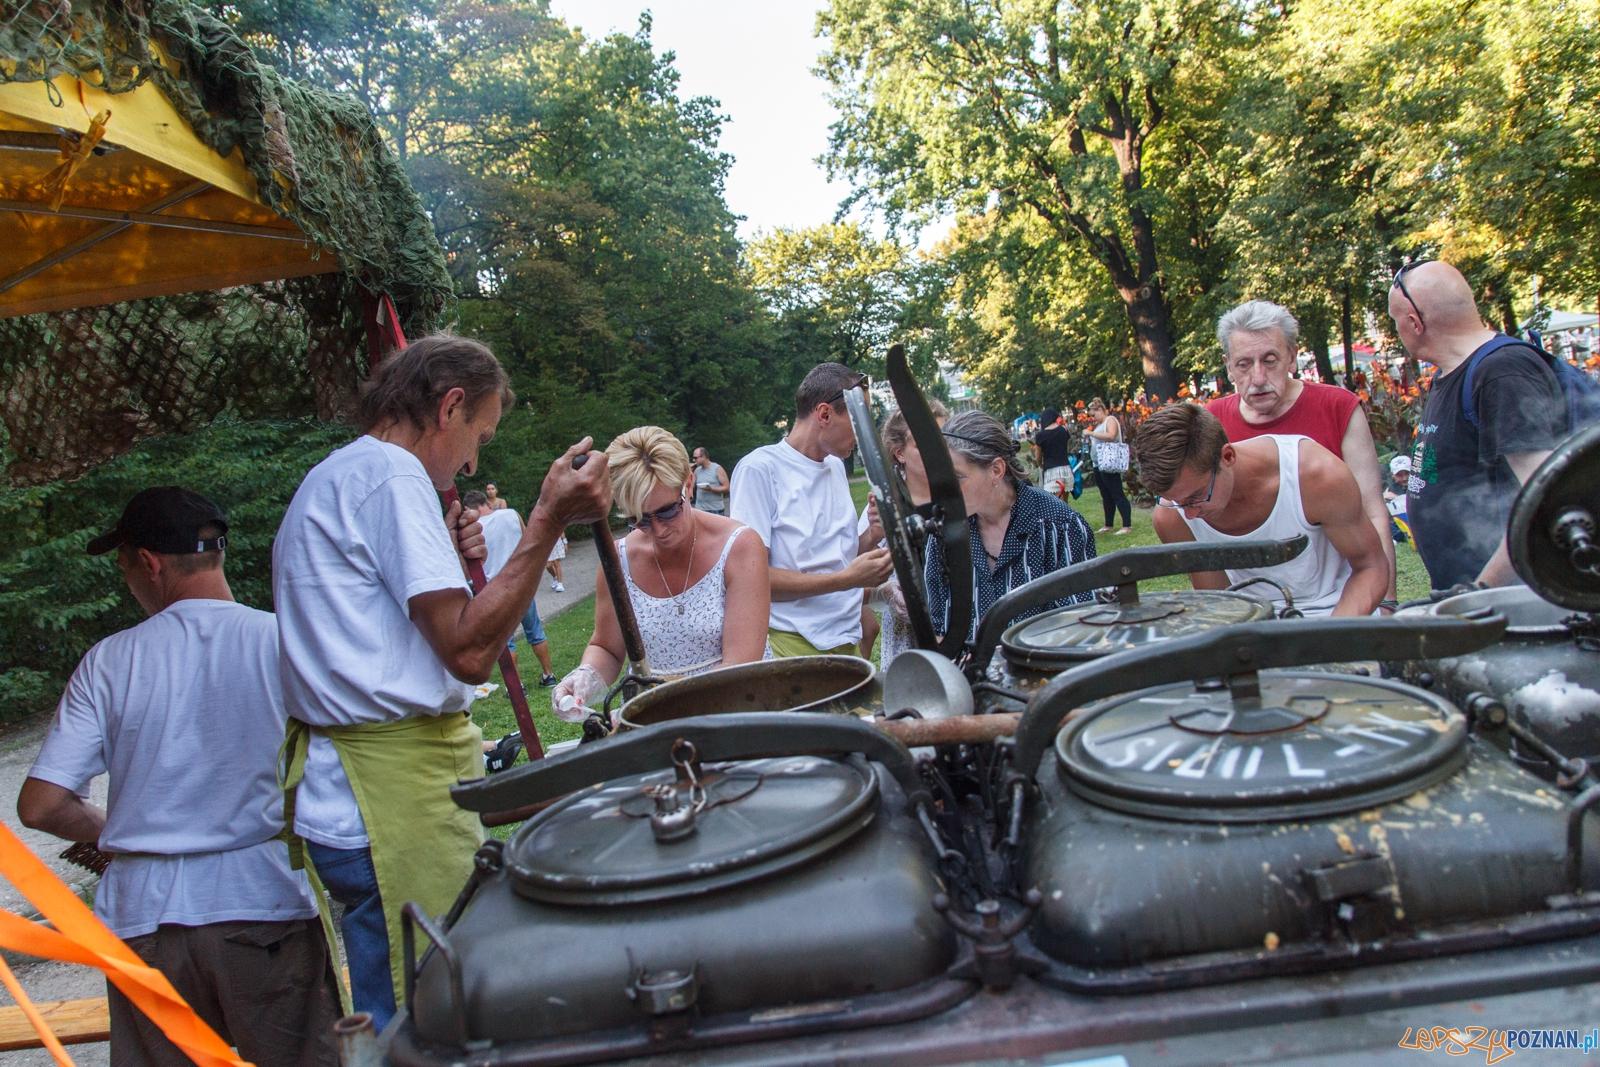 Dożynki Miejskie 2016 w parku Wilsona - Poznań 27.08.2016 r.  Foto: LepszyPOZNAN.pl / Paweł Rychter